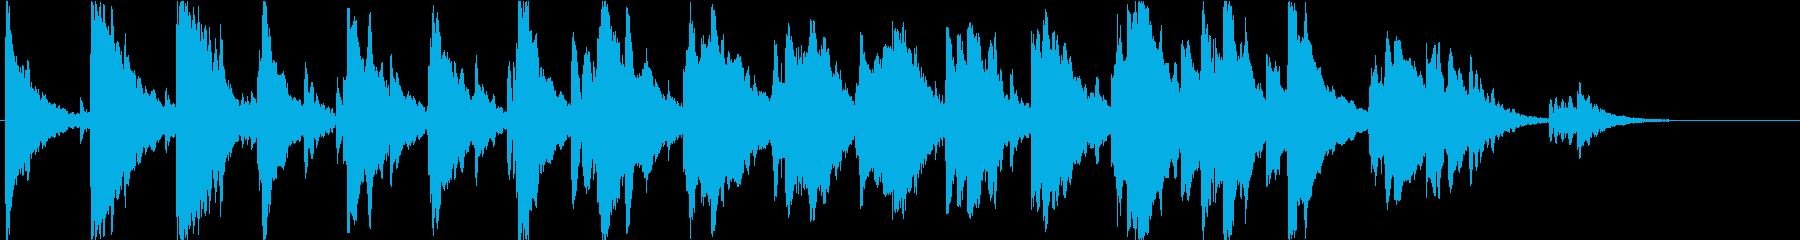 星空のような、ピアノとオルゴールの楽曲の再生済みの波形